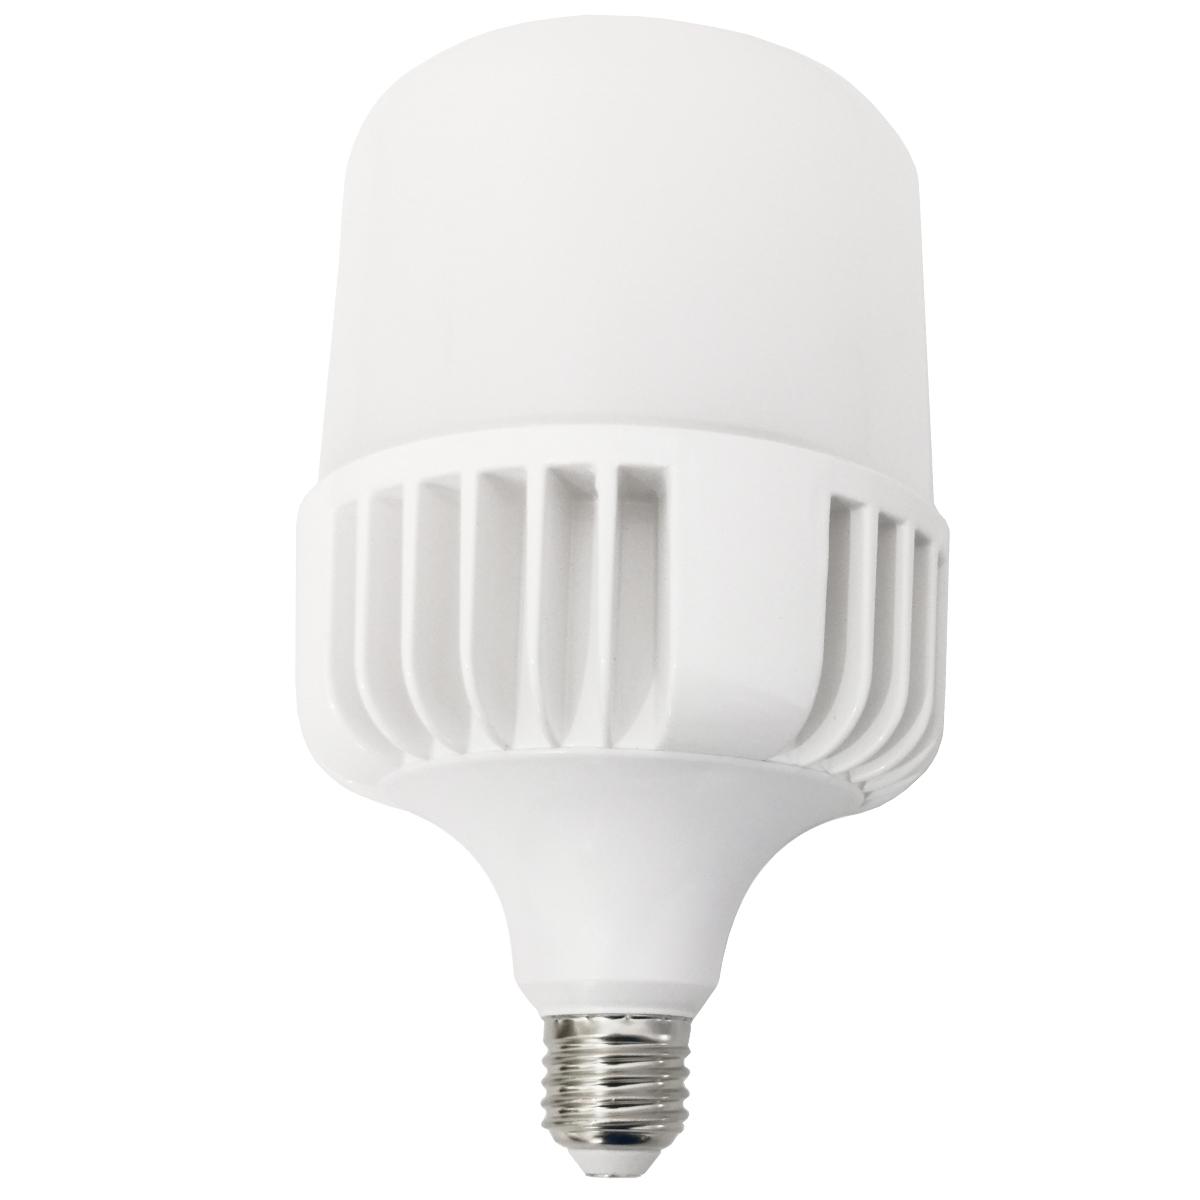 لامپ ال ای دی 50 وات نور افشان مدل A765 پایه E27